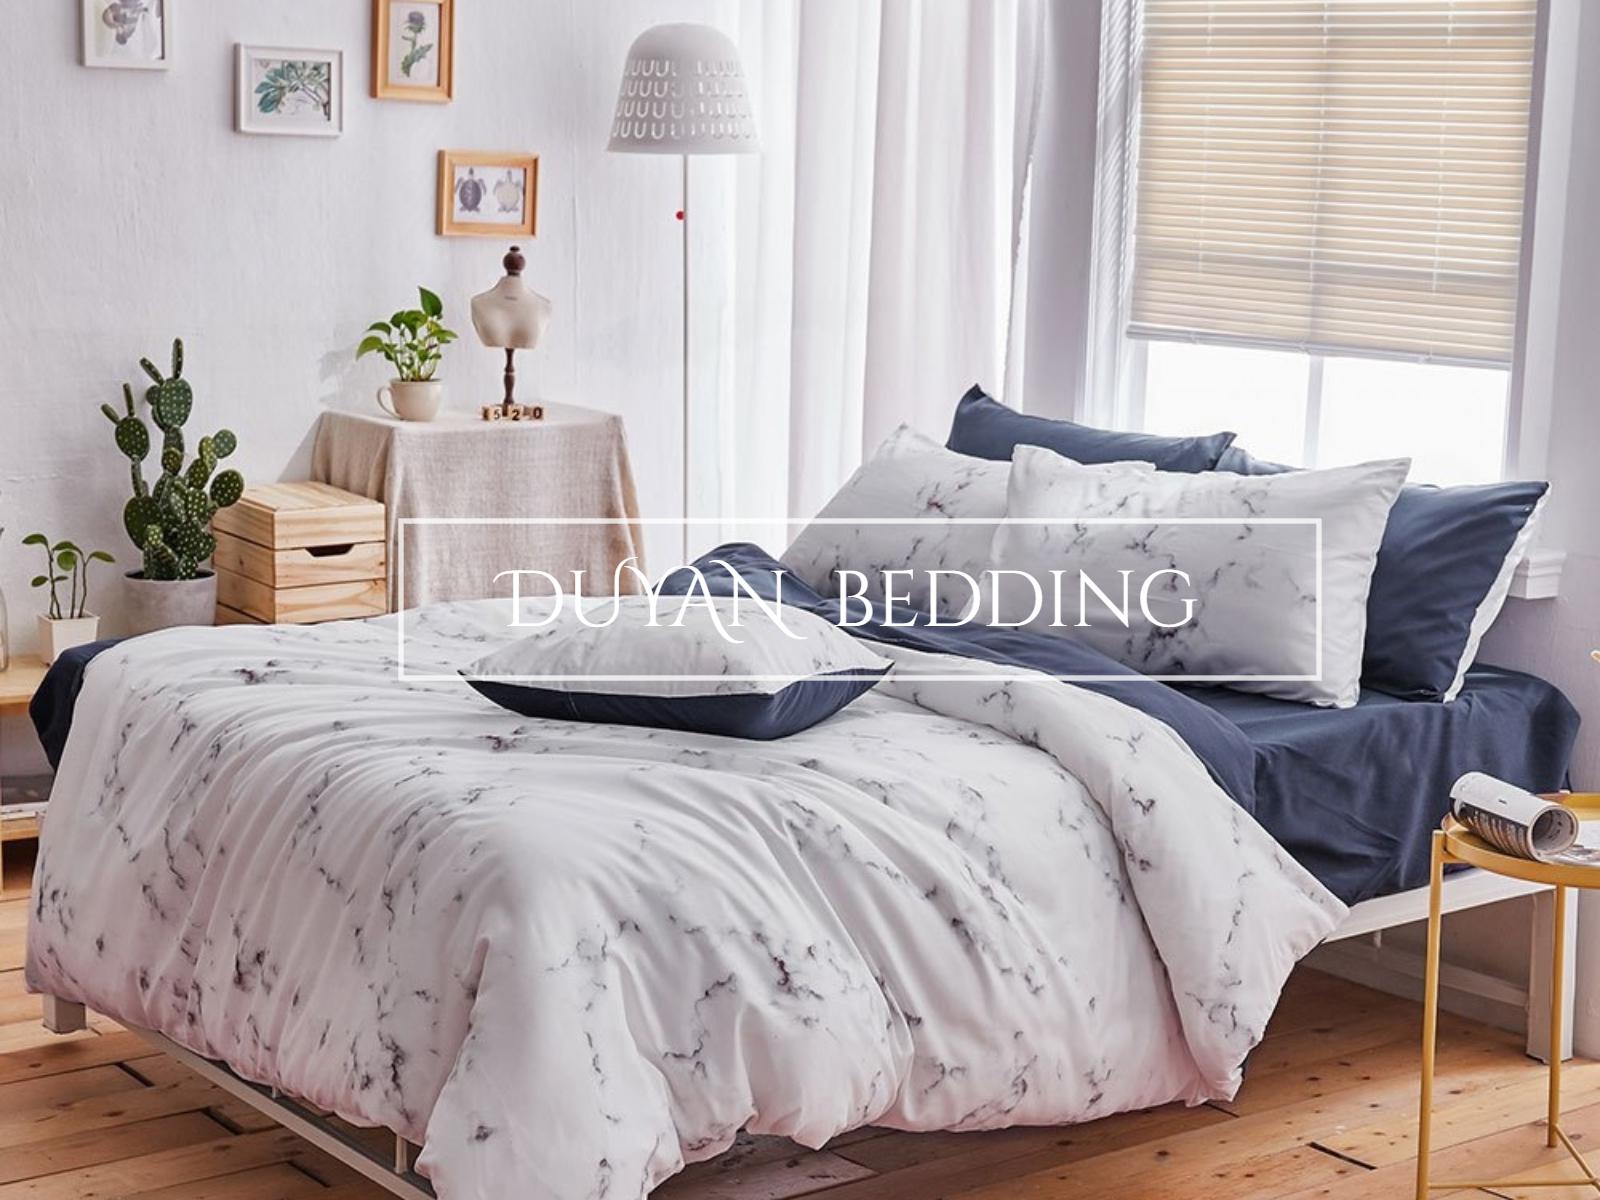 【寢具床包推薦】DUYAN 竹漾寢具 高質感舒適首選,讓你一覺好眠到天亮!